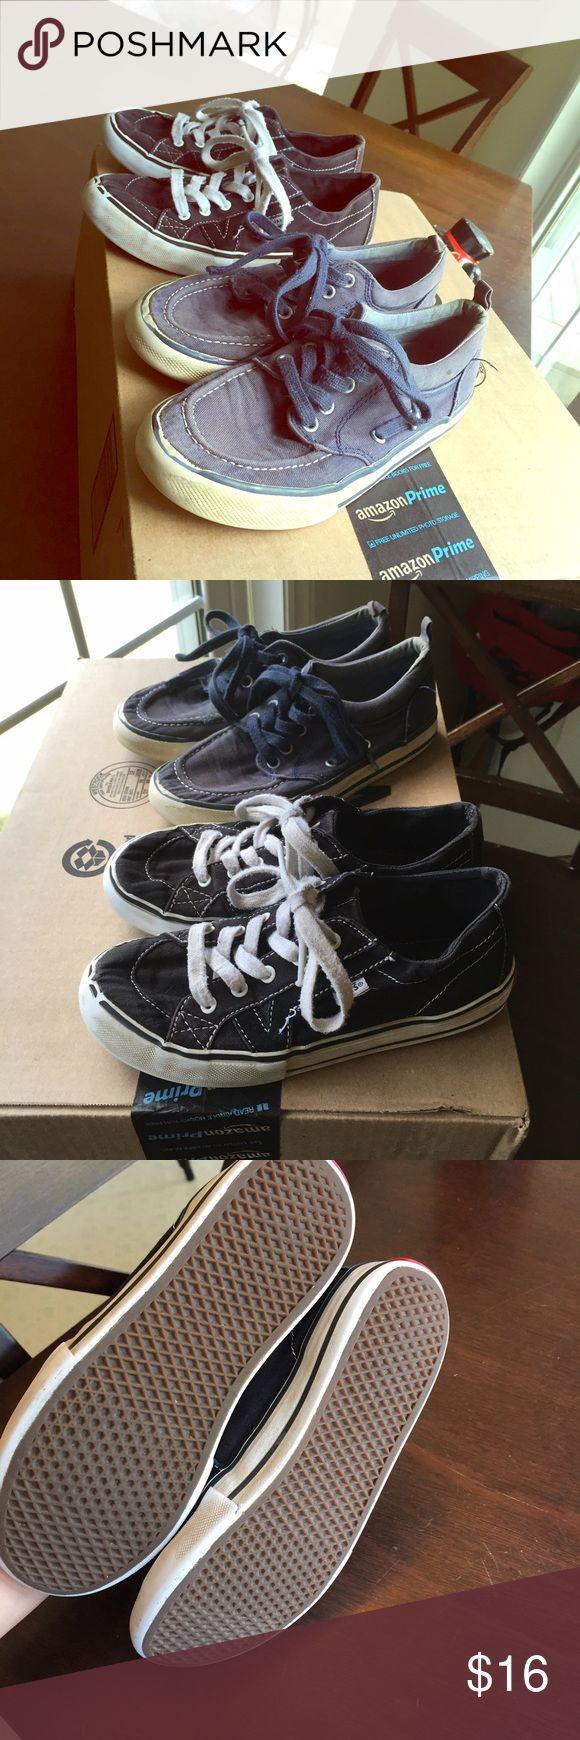 Kids black Vans Vans shoes size 13.5, normal wear and tear but still plenty of use left. Vans Shoes